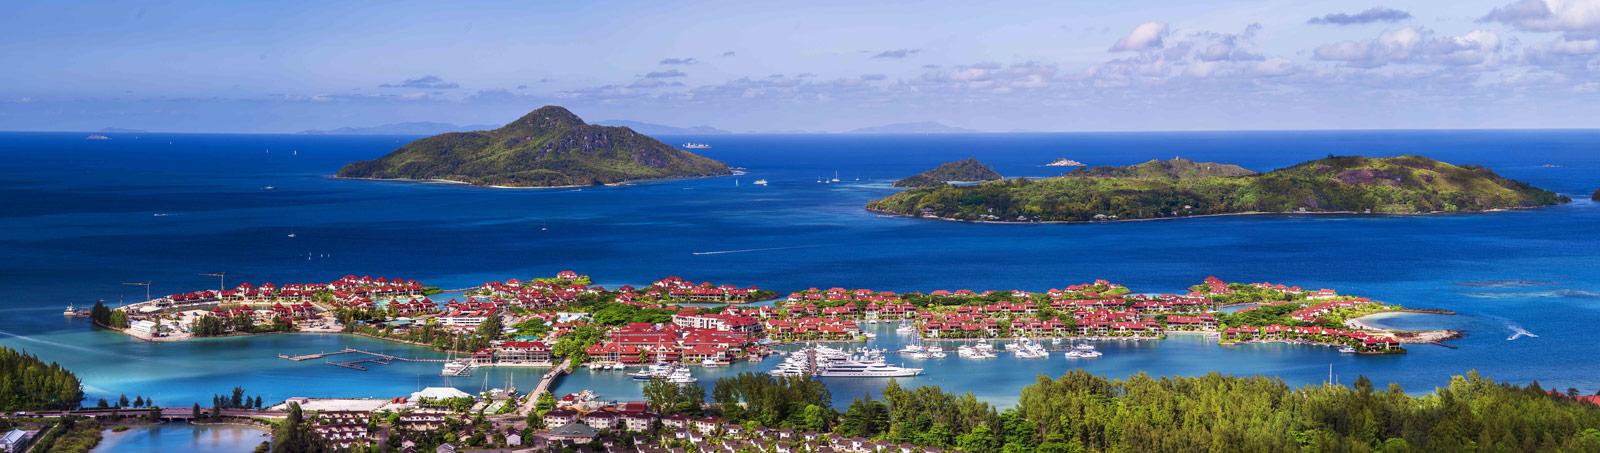 Eden Island, Seychelles (sortez les dollars !) 23oct_10